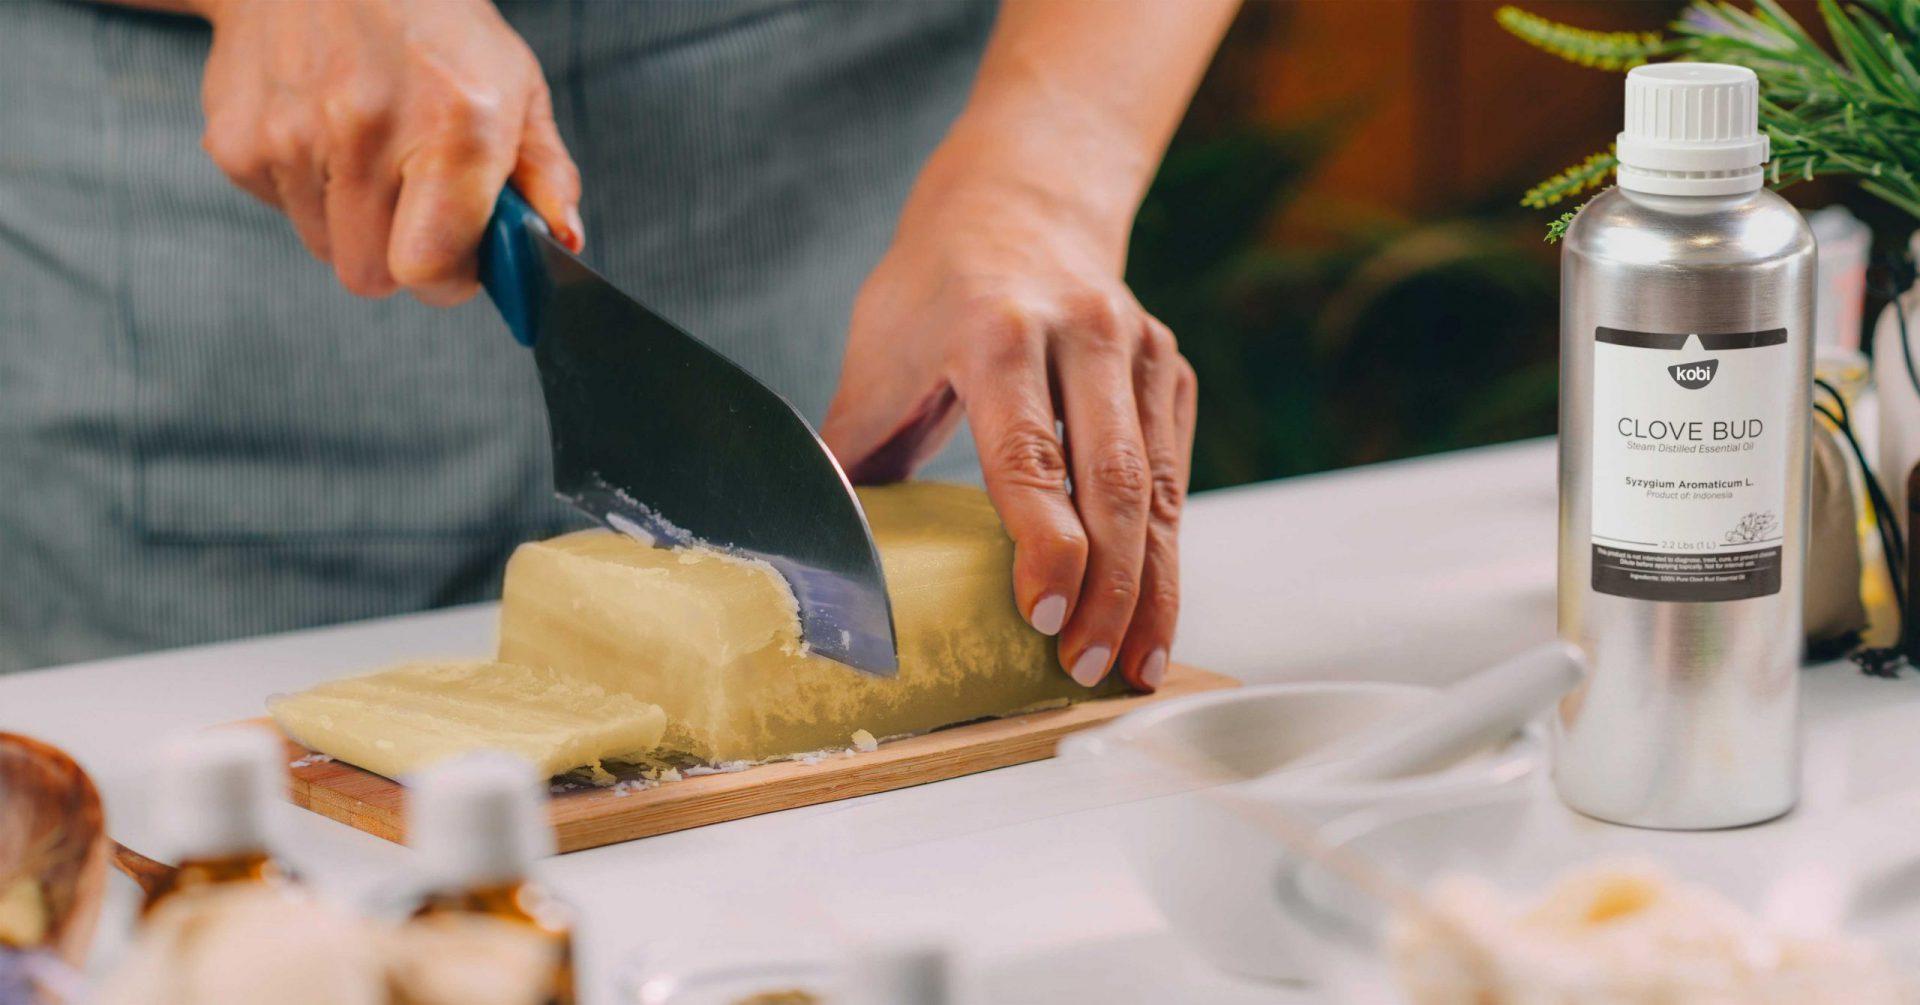 Làm xà phòng tự nhiên với tinh dầu đinh hương kobi